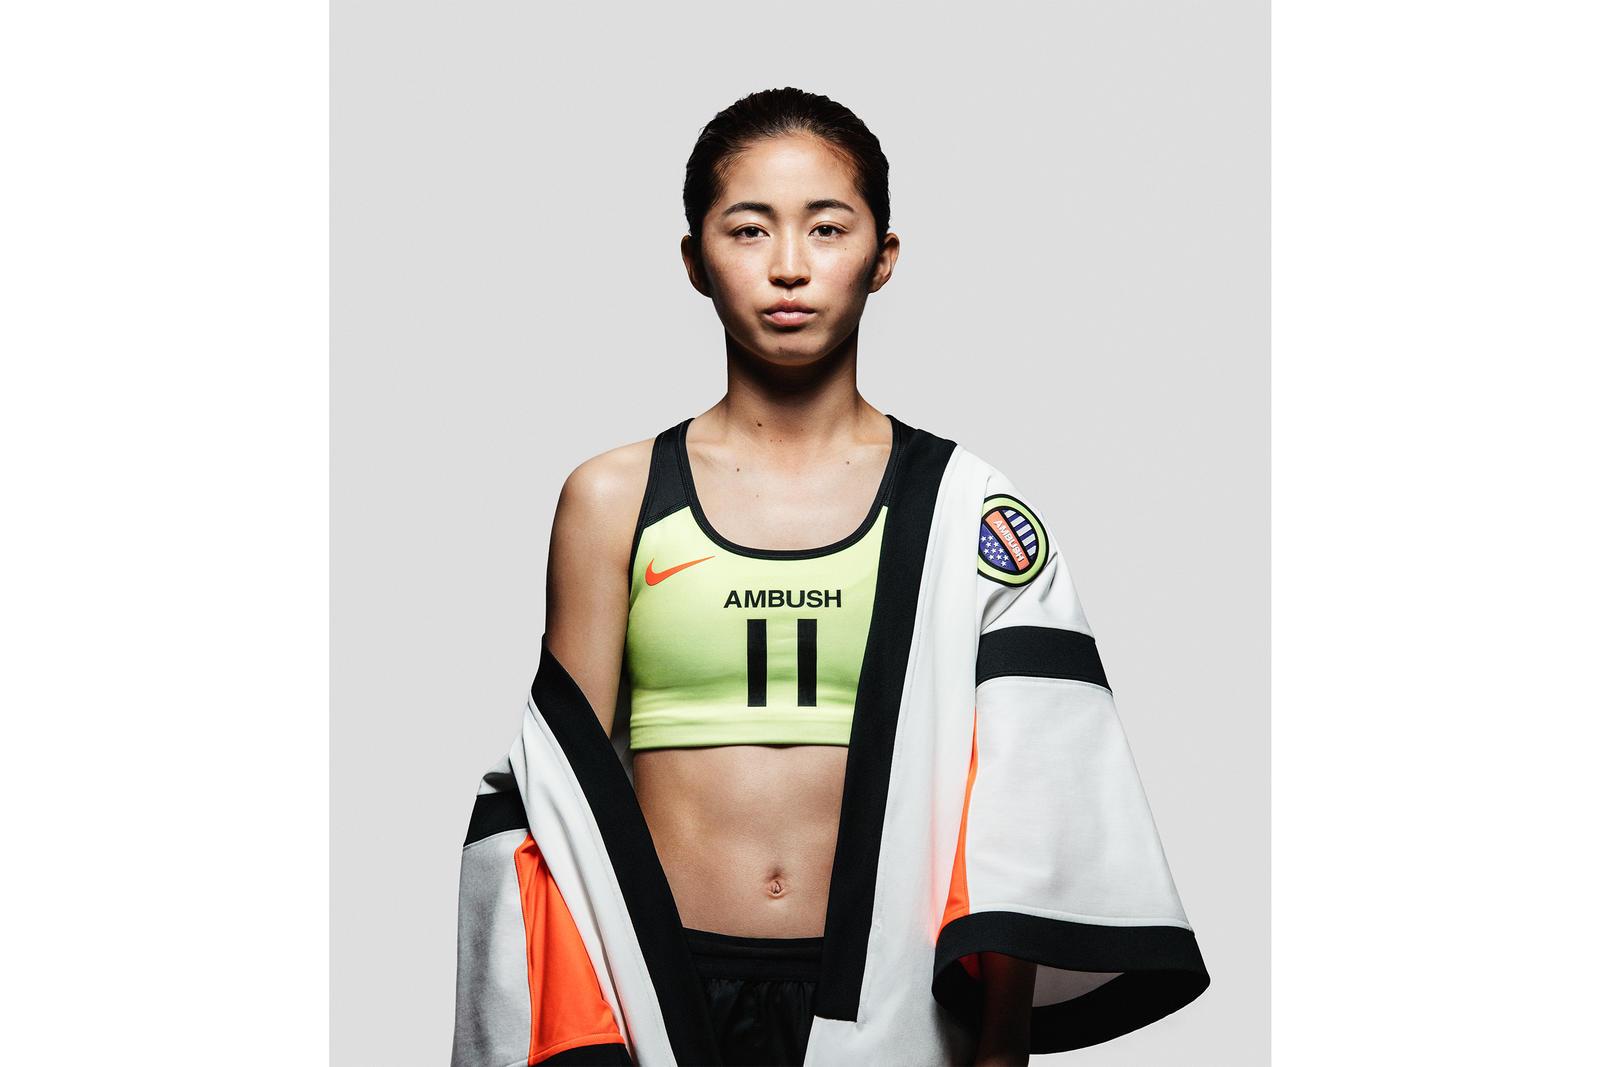 nike-yoon-ahn-ambush-soccer-jersey